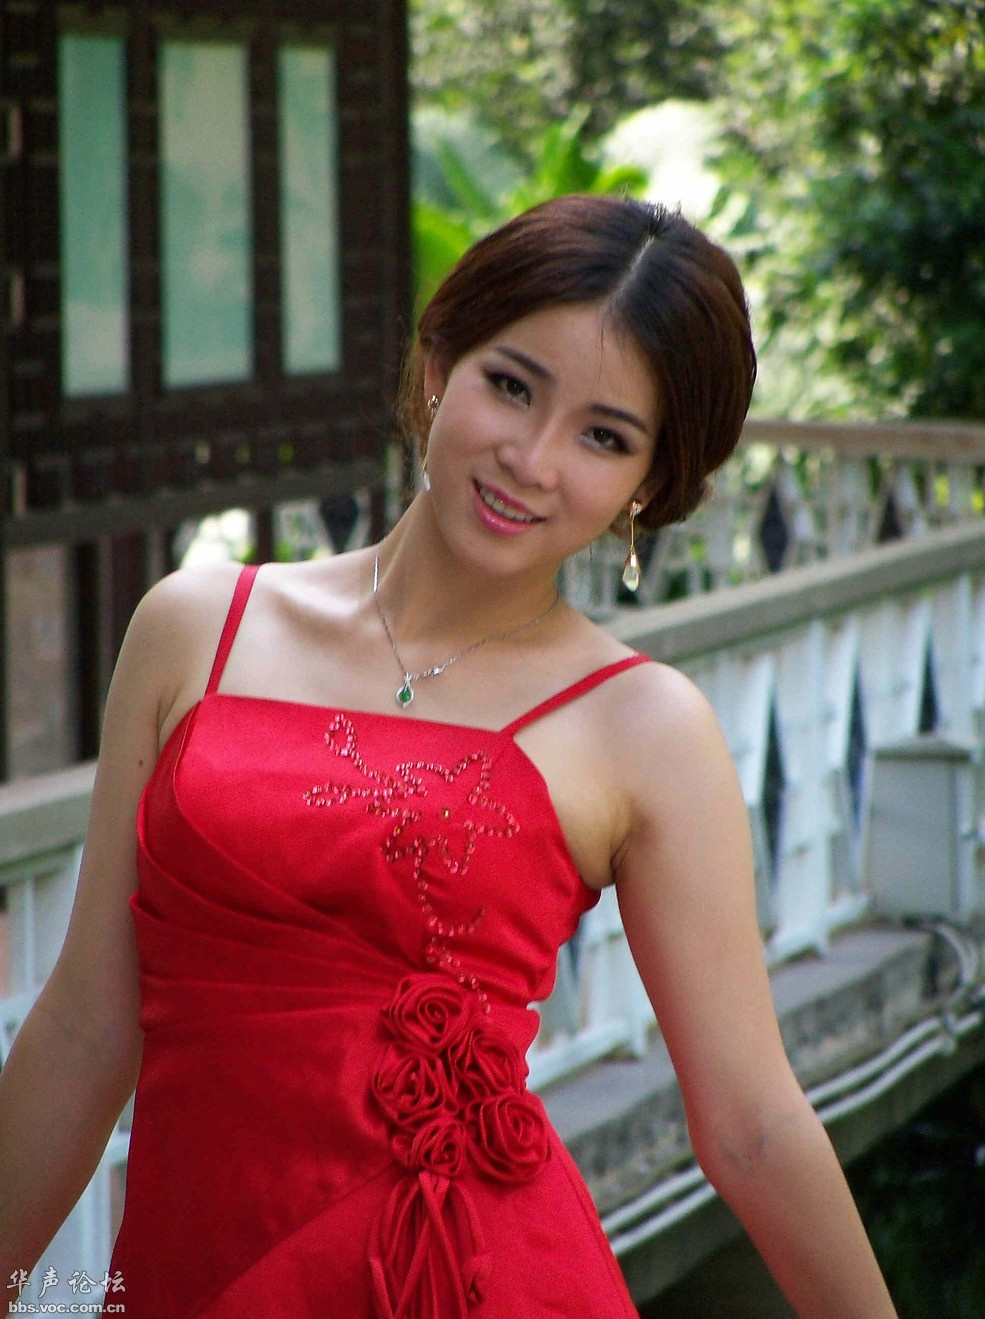 [贴图]优雅吊带红衣女